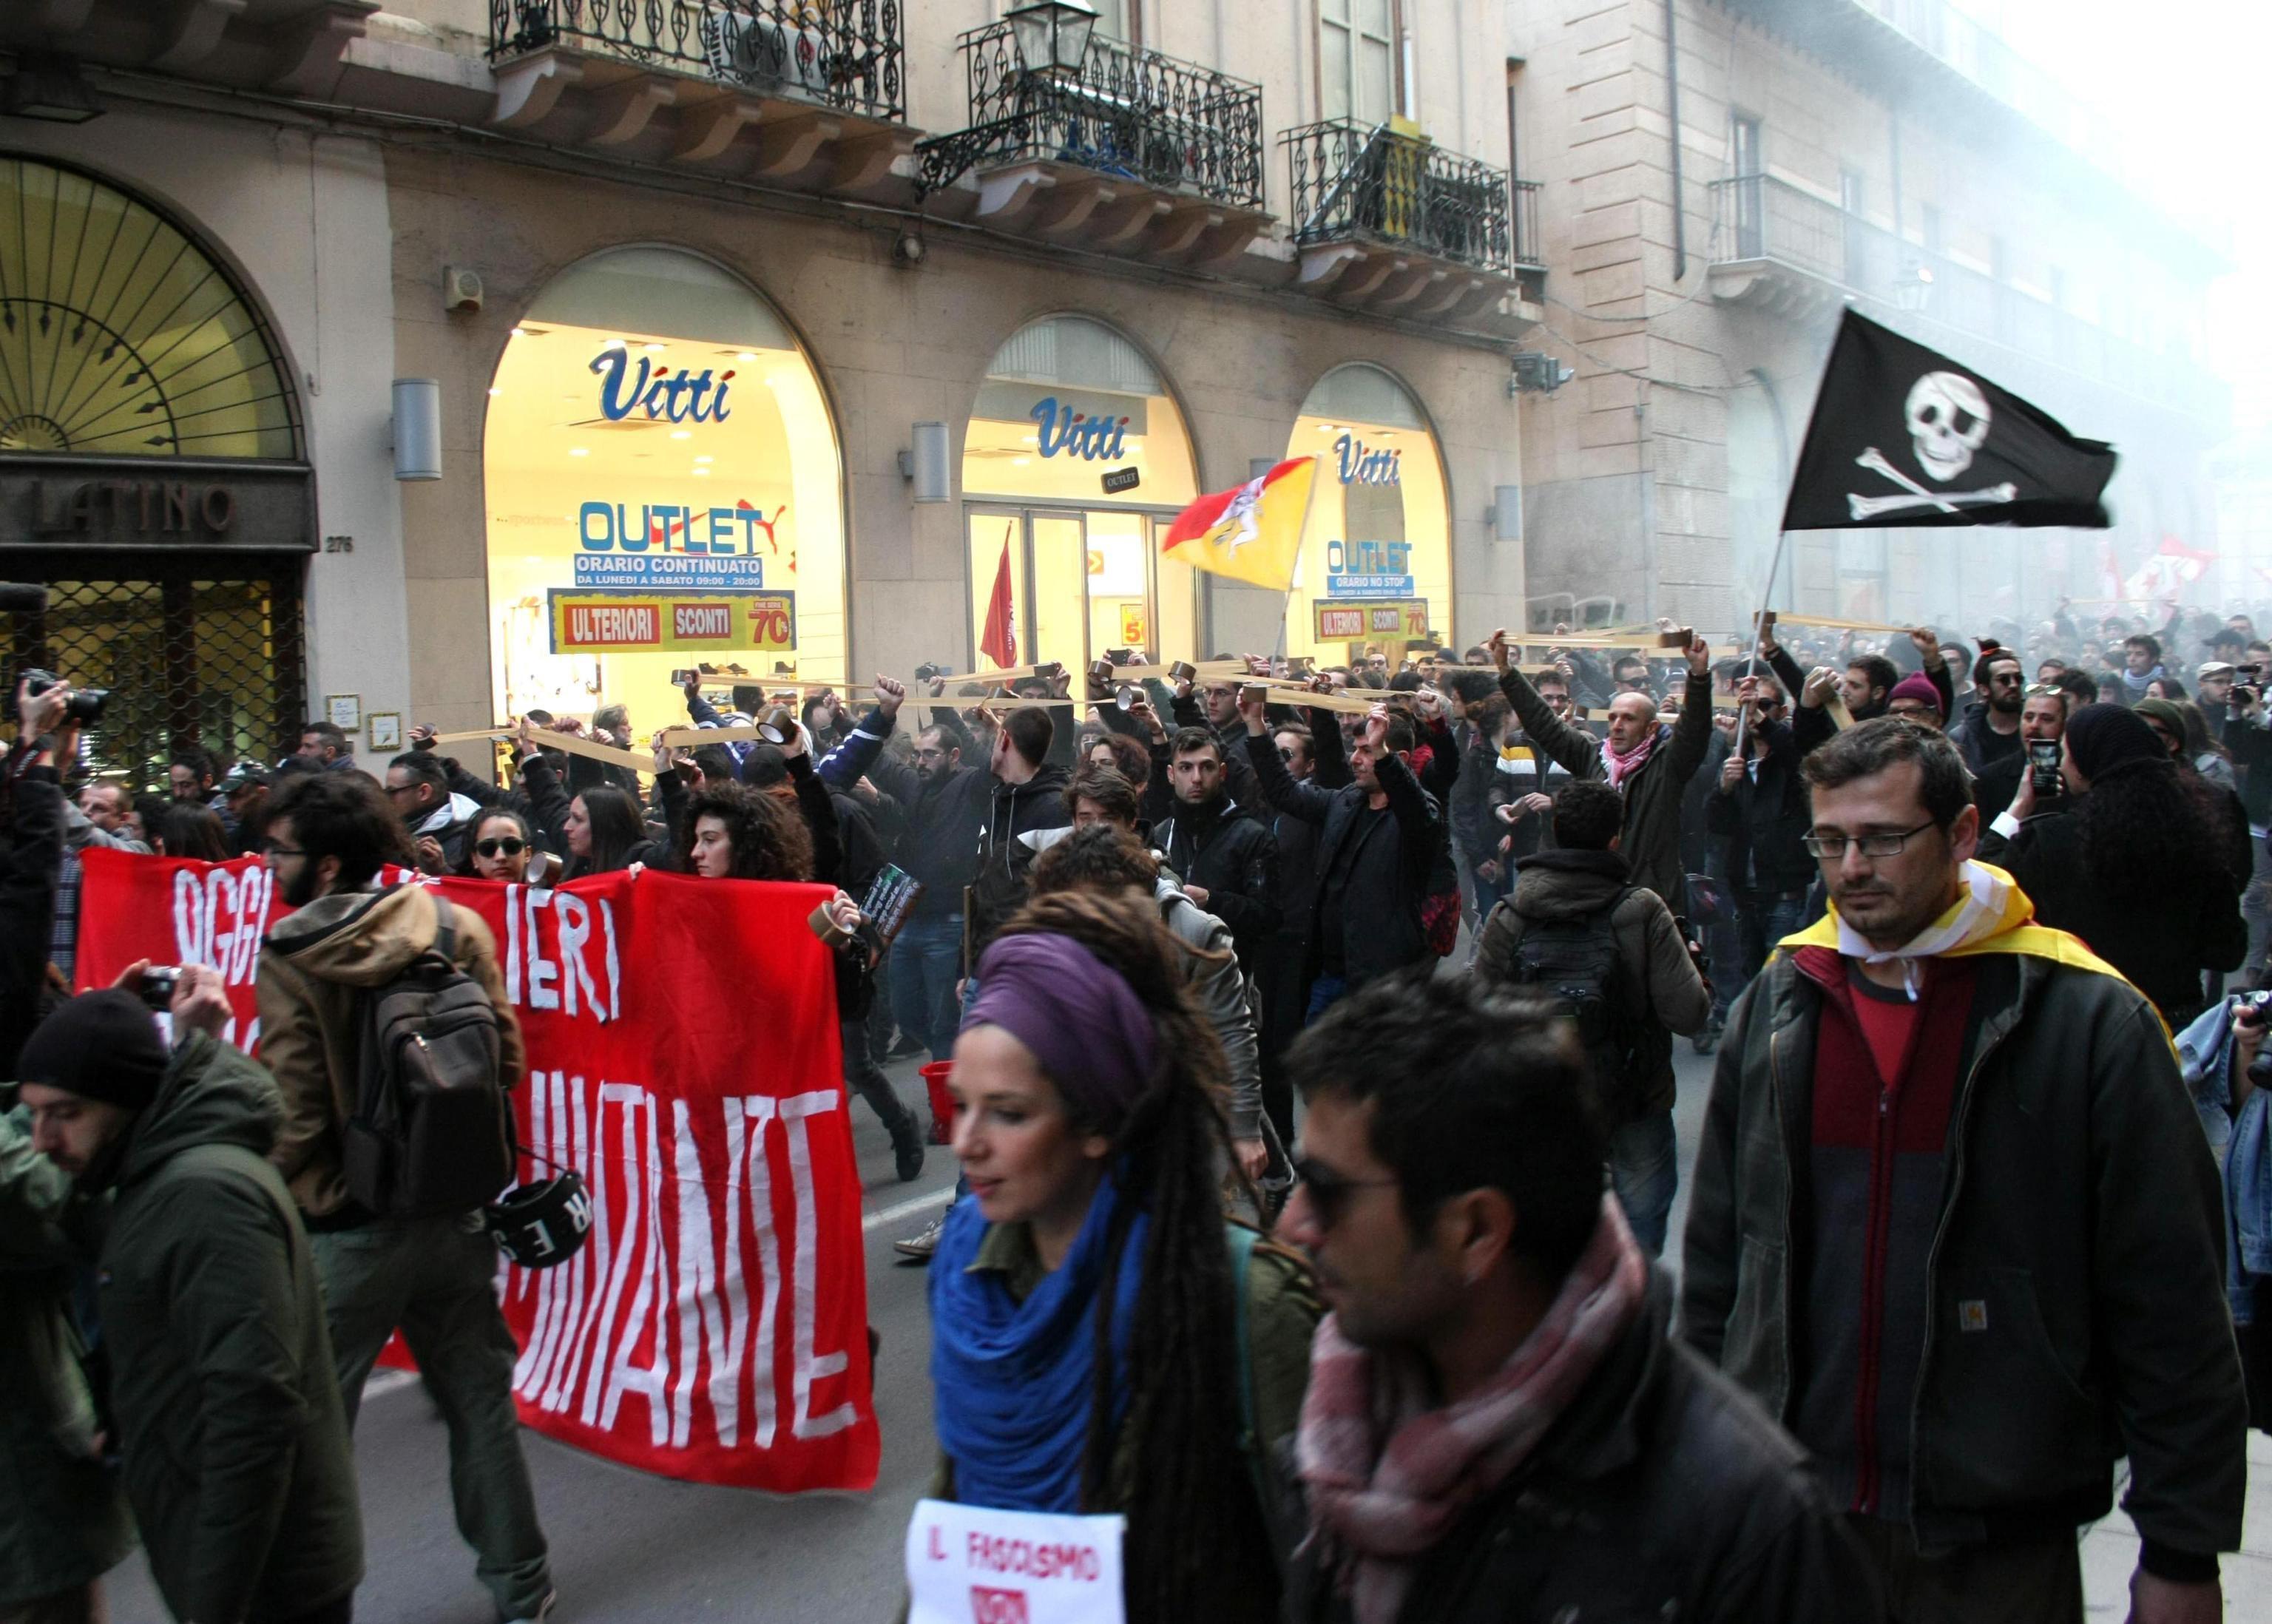 Várias manifestações da extrema direita e antifascistas na Itália